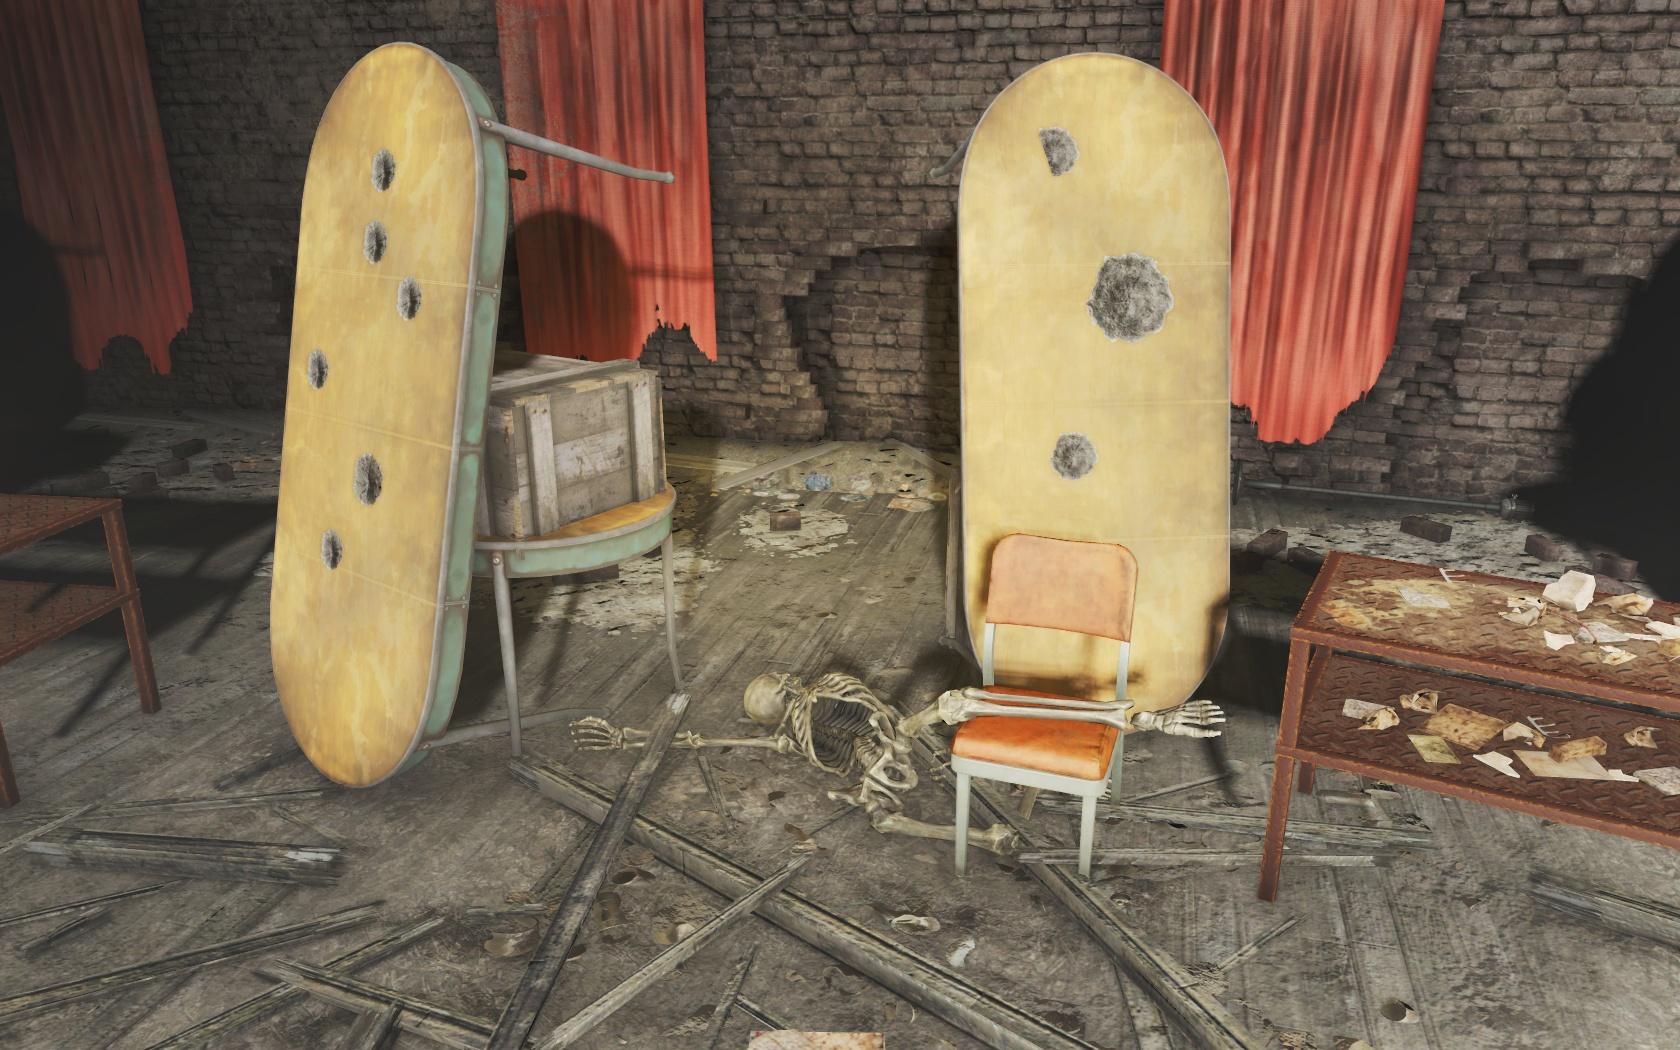 Тир (Подготовительная школа Восточного Бостона) - Fallout 4 Бостон, Восточный Бостон, Подготовительная, скелет, школа